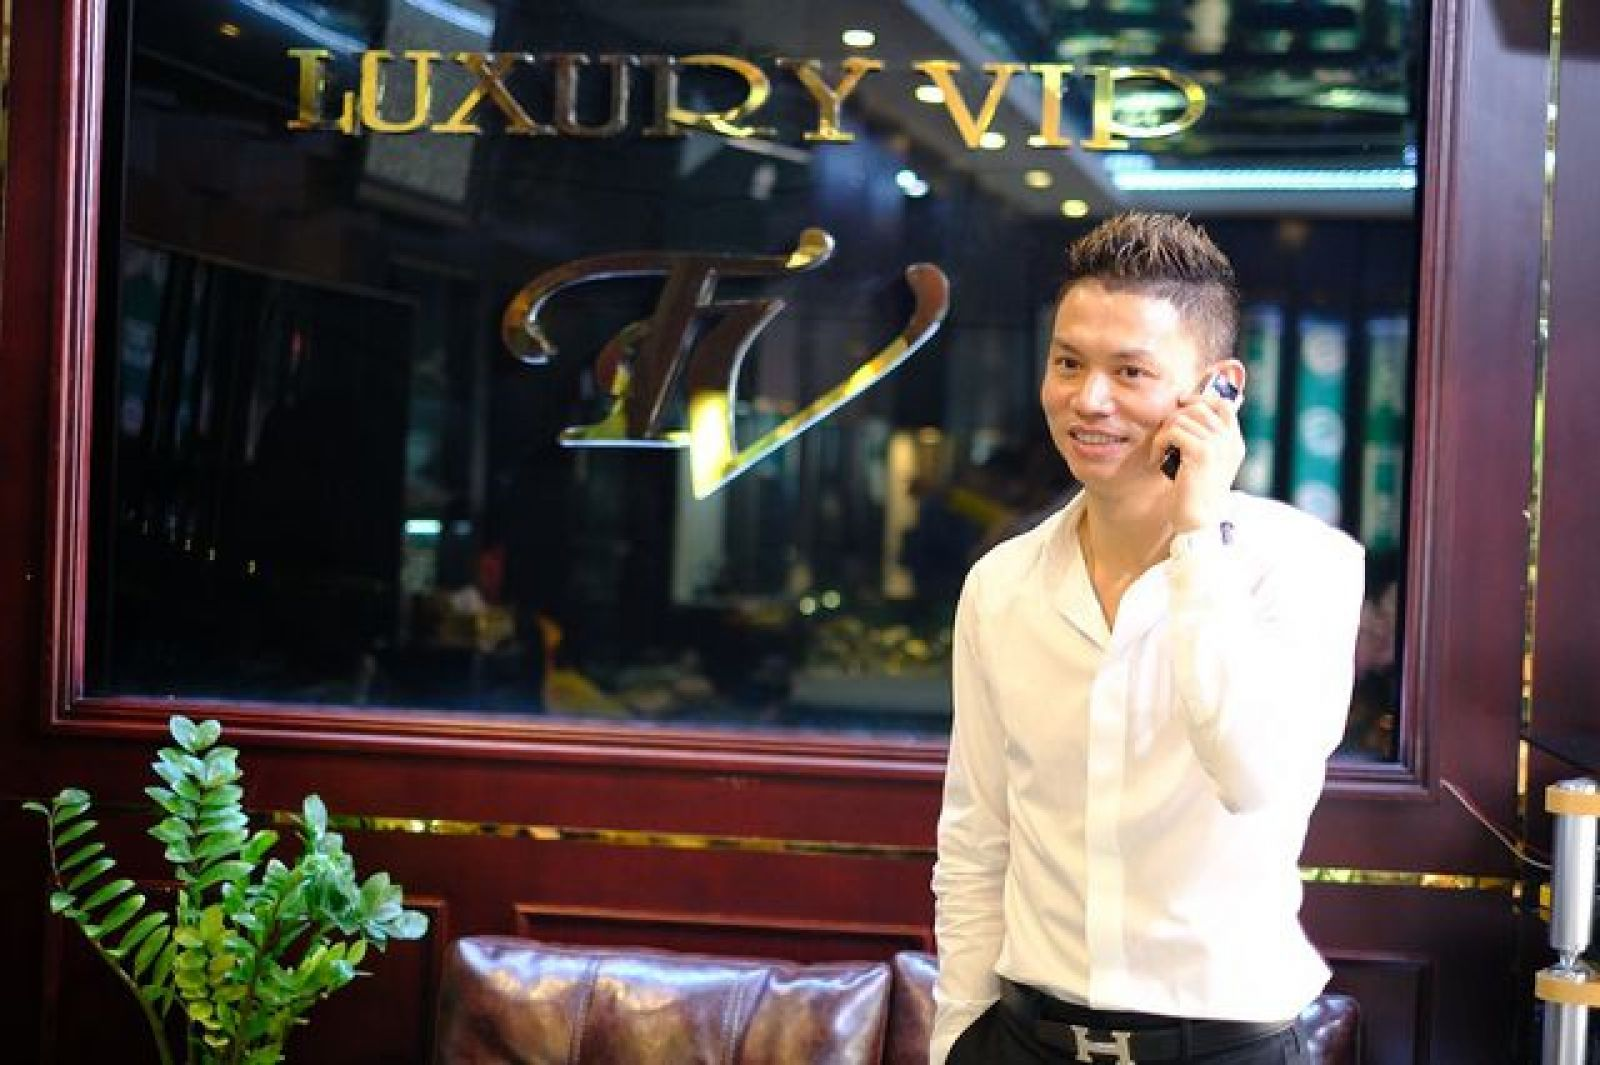 Doanh nhân Phạm Quang Tùng đã trải qua nhiều khó khăn trước khi chạm tay đến thành công